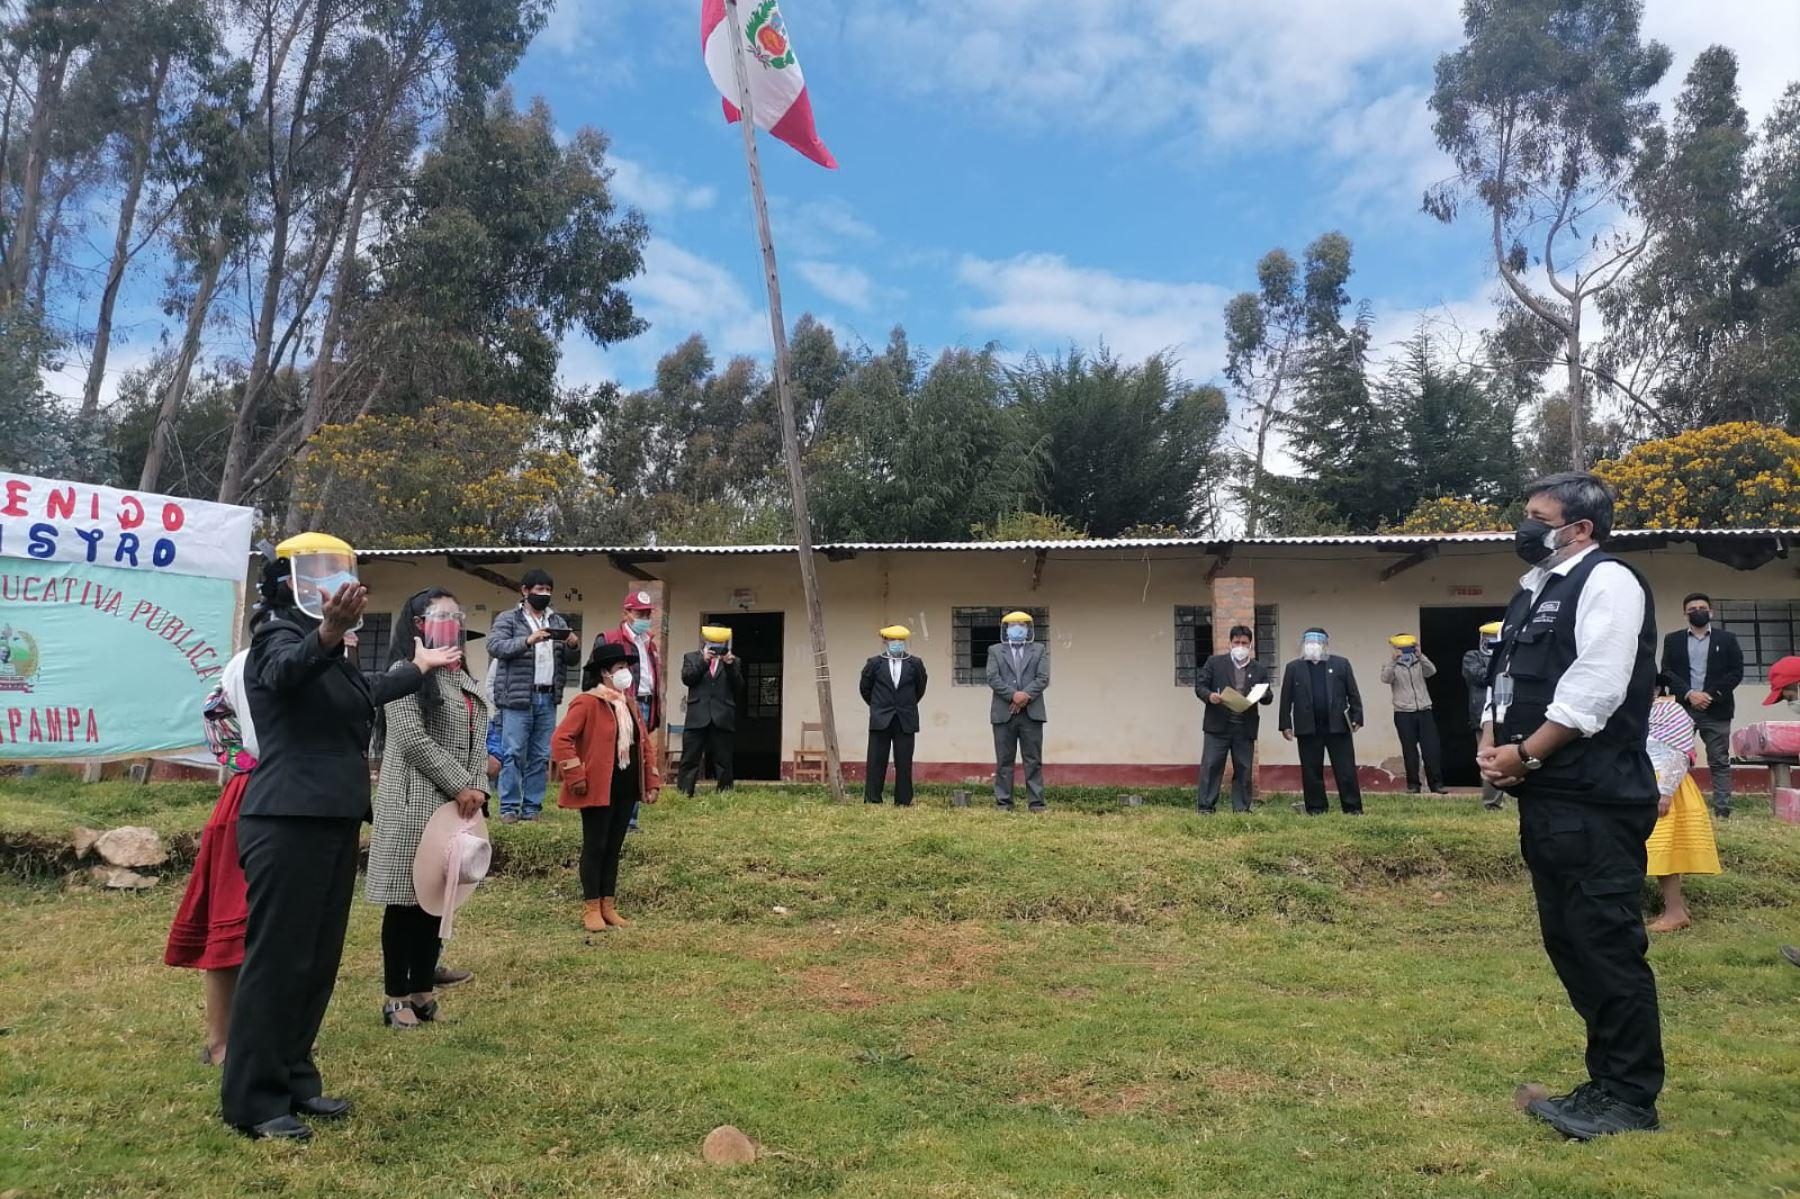 El Ministro de Educación, Ricardo Cuenca, visitó el centro poblado de Colcapampa, donde los estudiantes de la IE Juan José Mendoza Bellido regresaron a clases semi presenciales gracias al apoyo de las familias, docentes y autoridades. Foto: ANDINA/ Minedu